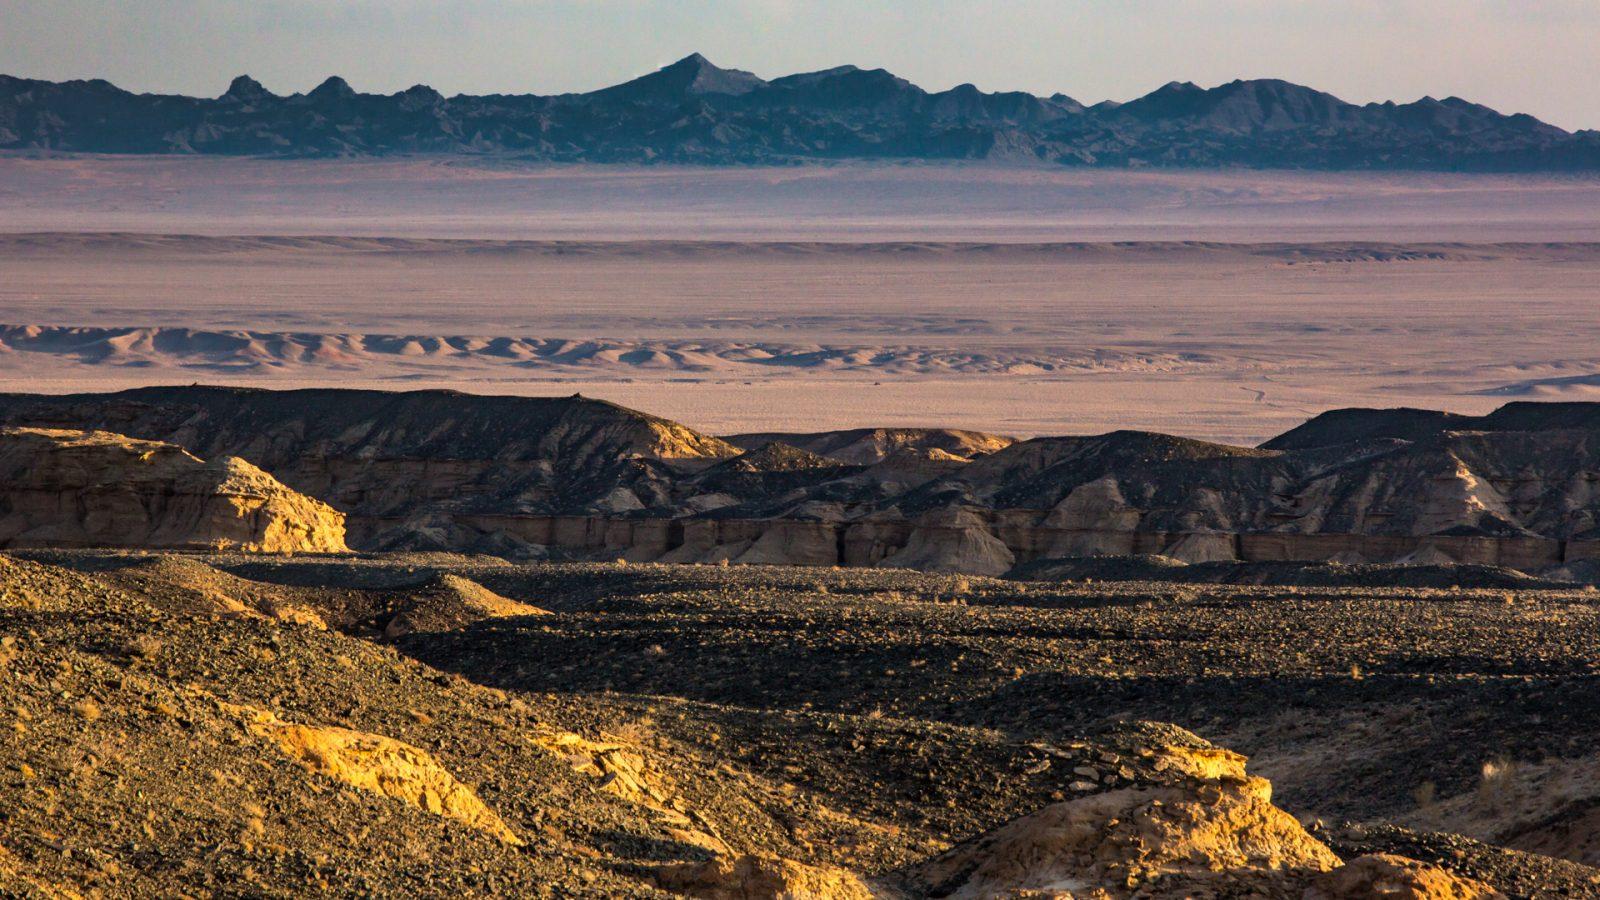 Die Landschaft der Mongolei ist vielseitig